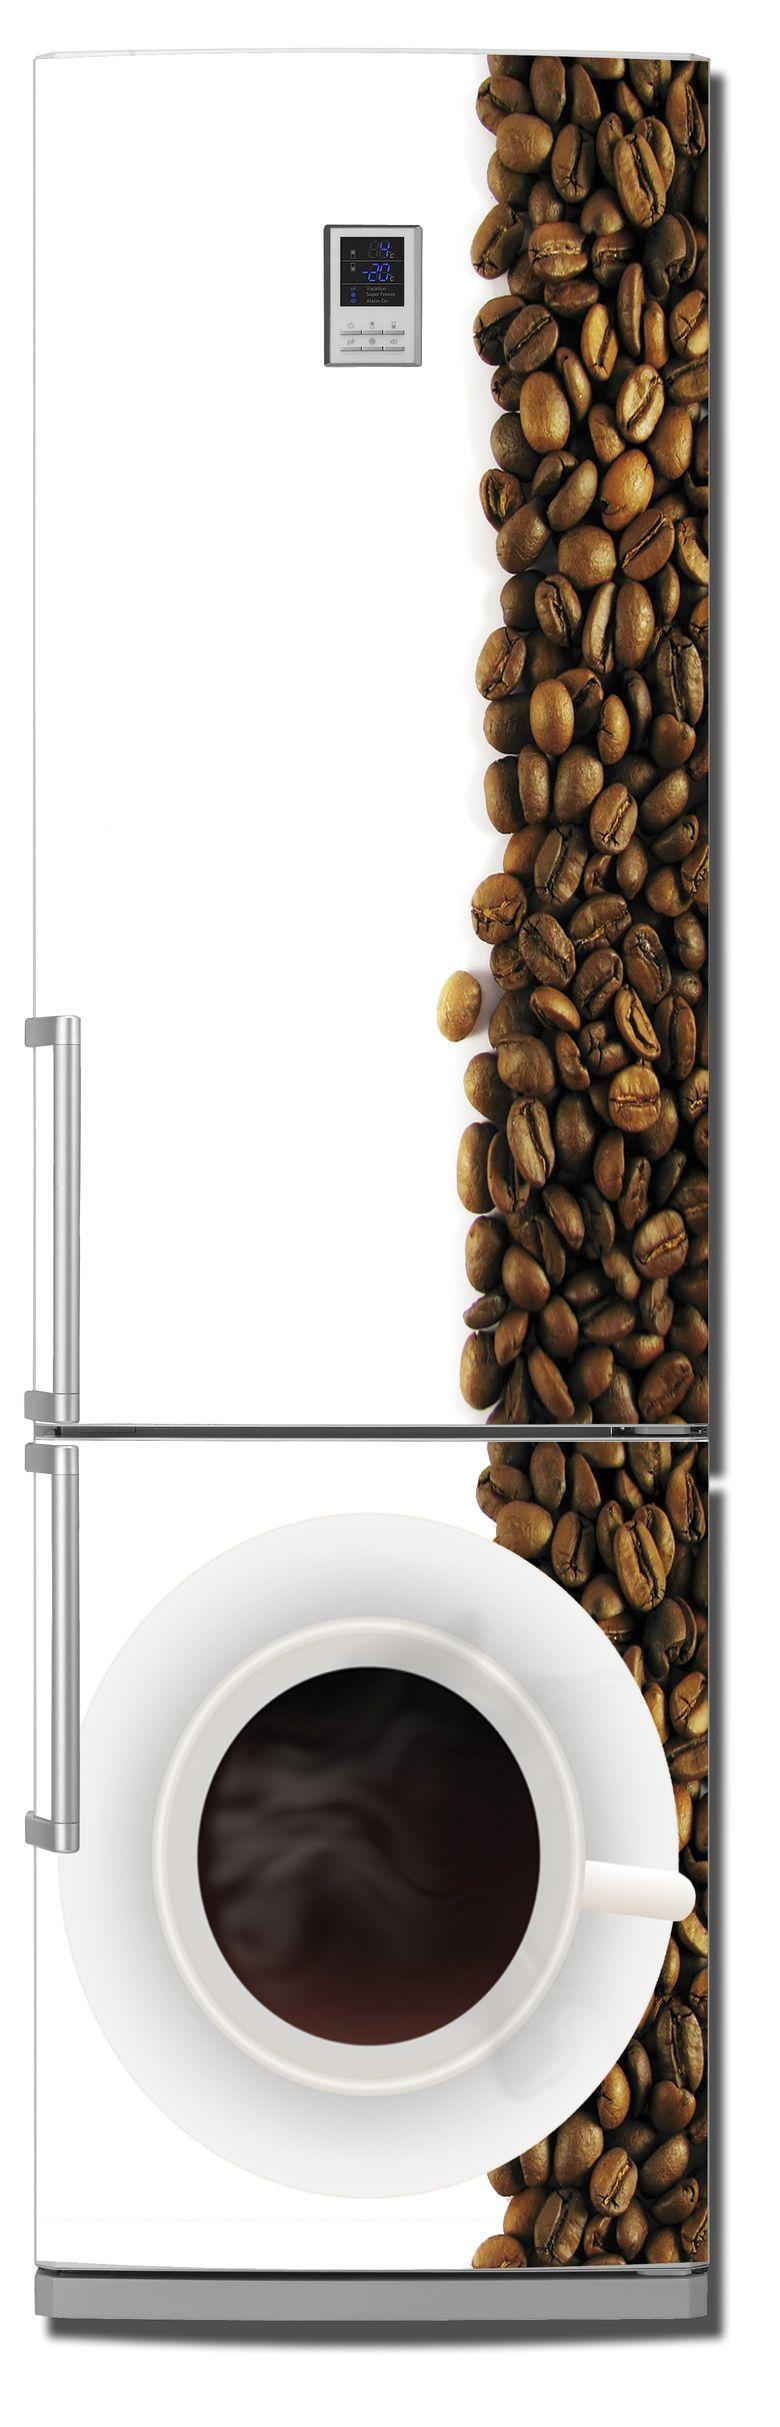 Наклейка на холодильник Кофе 3. Дзен